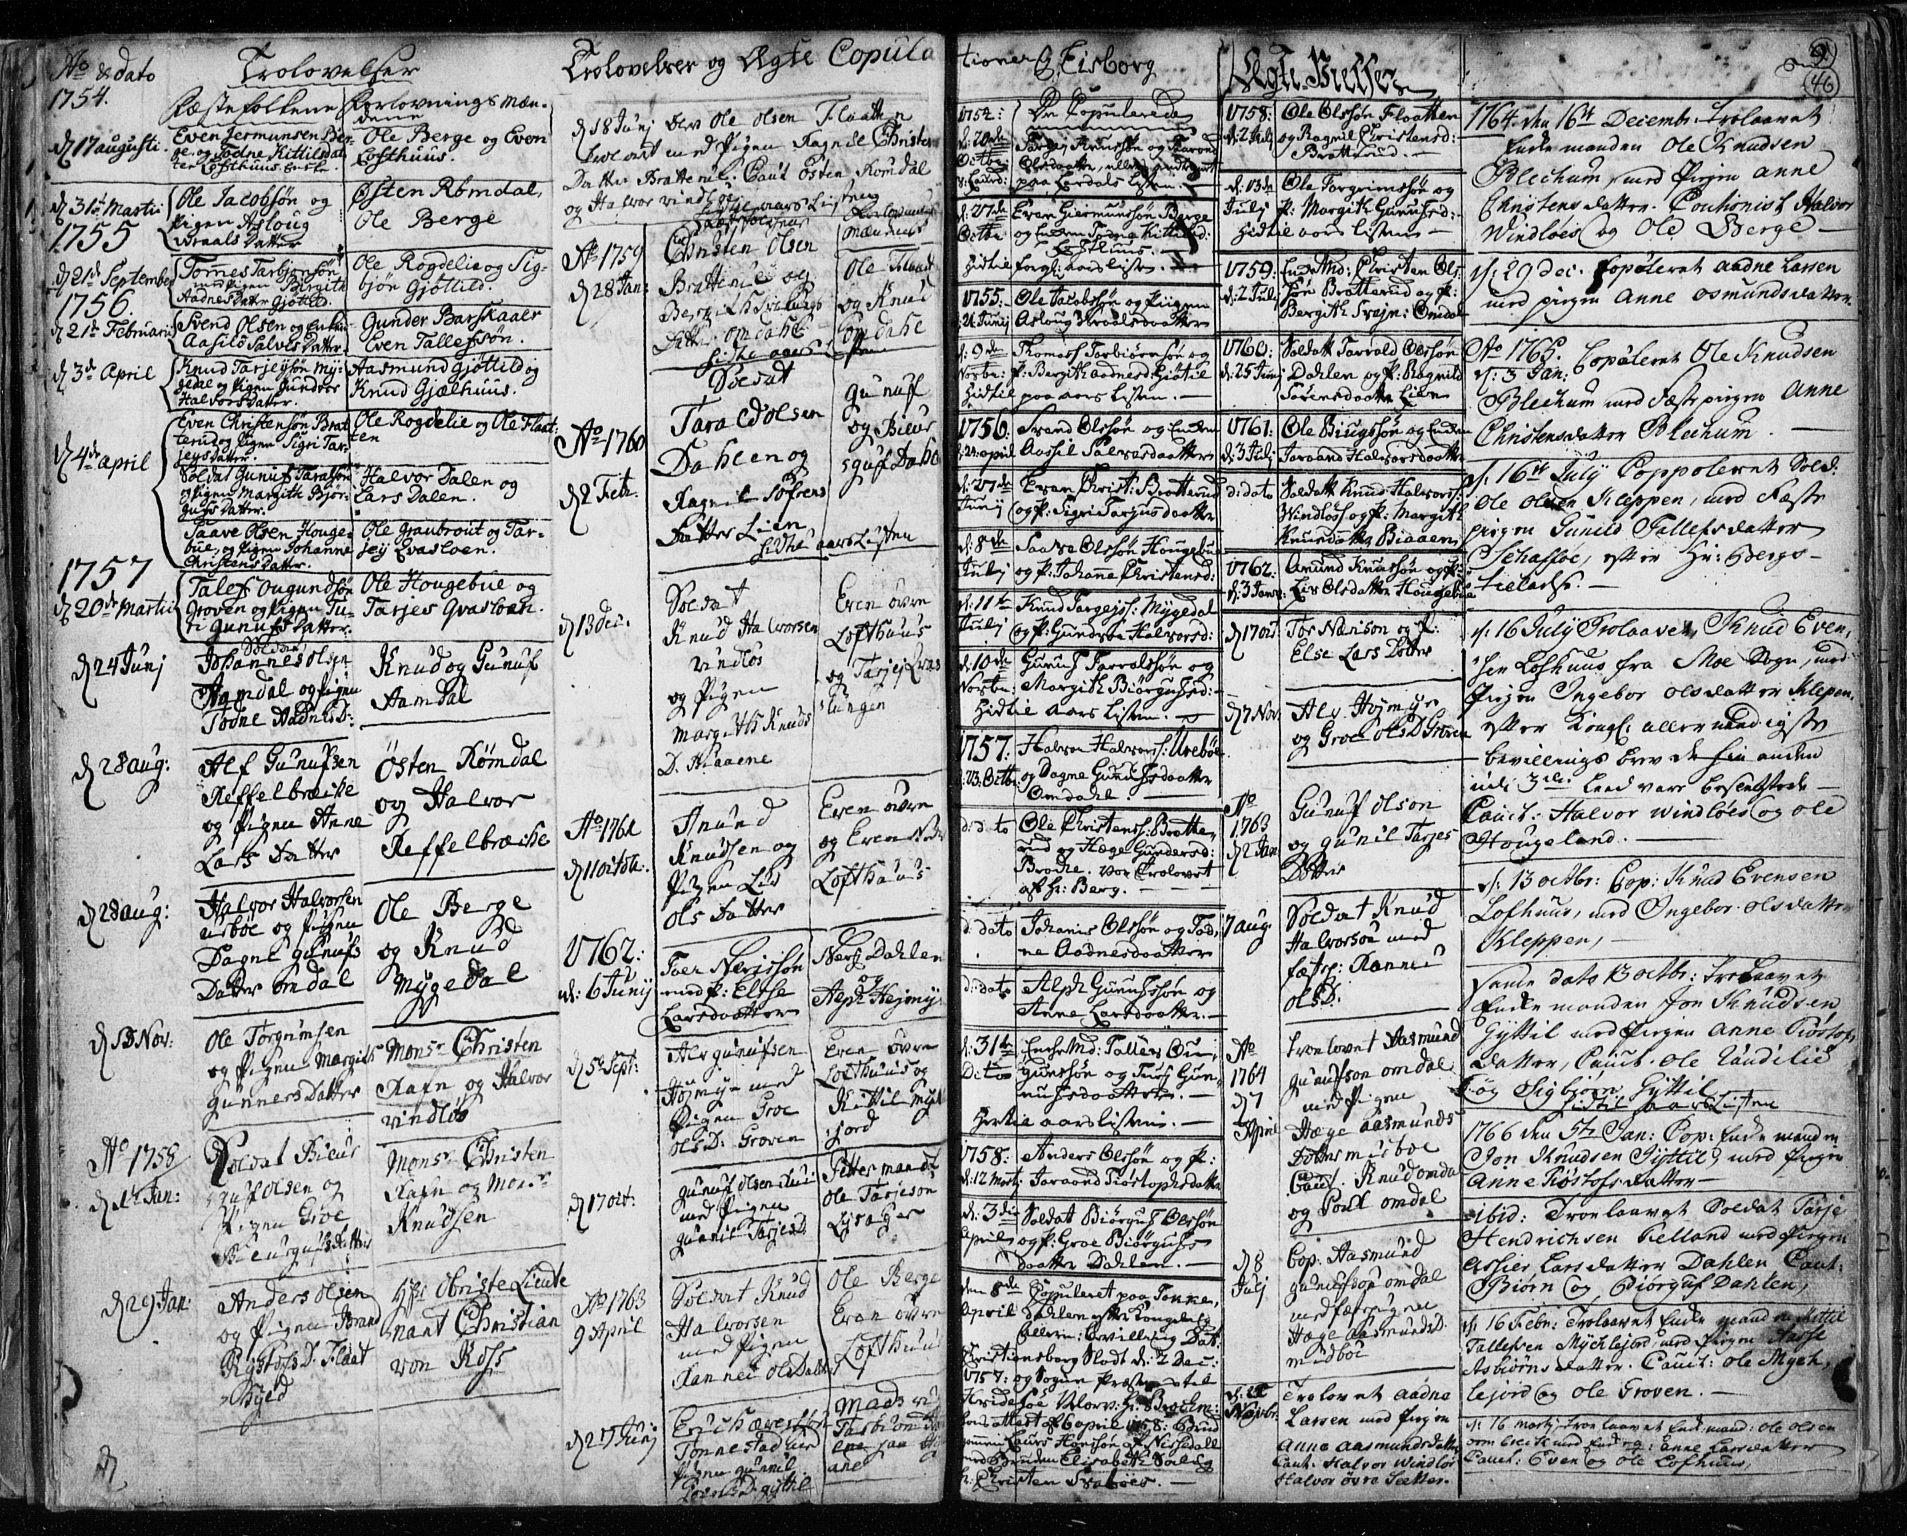 SAKO, Lårdal kirkebøker, F/Fa/L0003: Ministerialbok nr. I 3, 1754-1790, s. 46